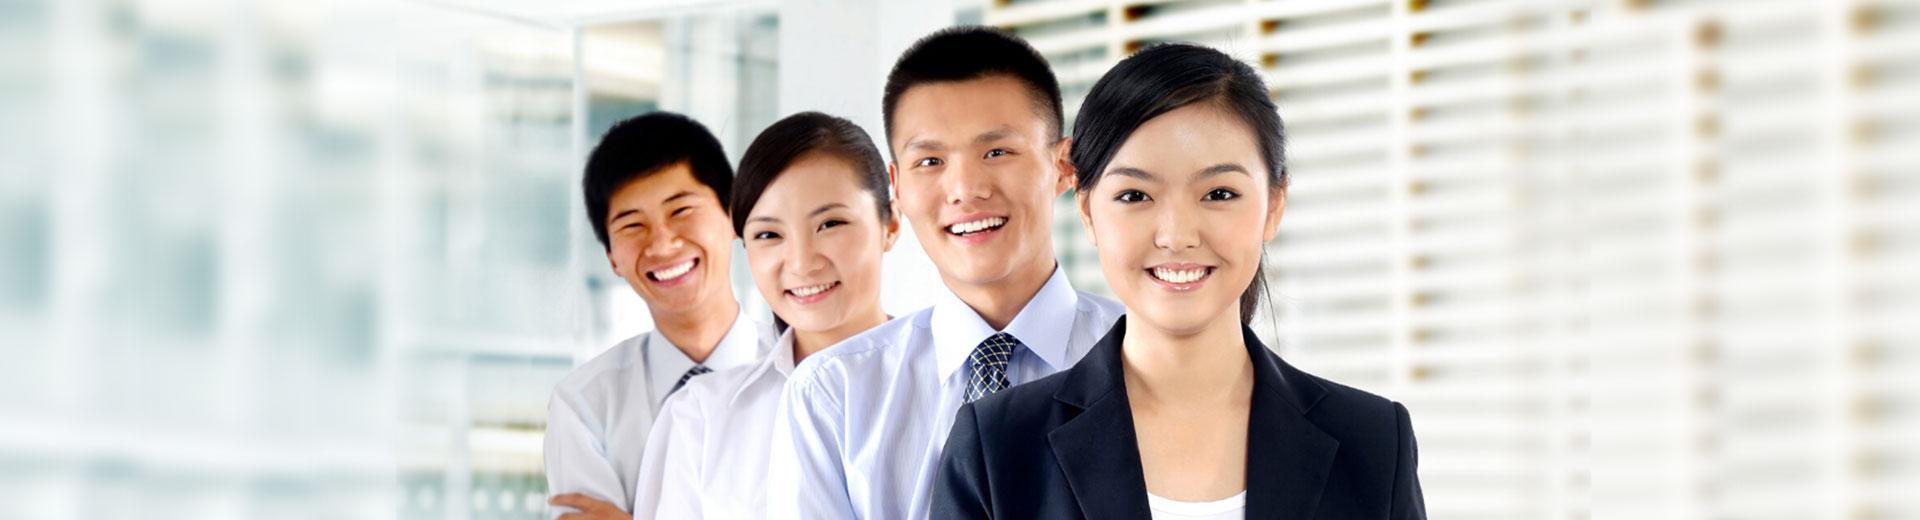 Secondment Consultancy Services